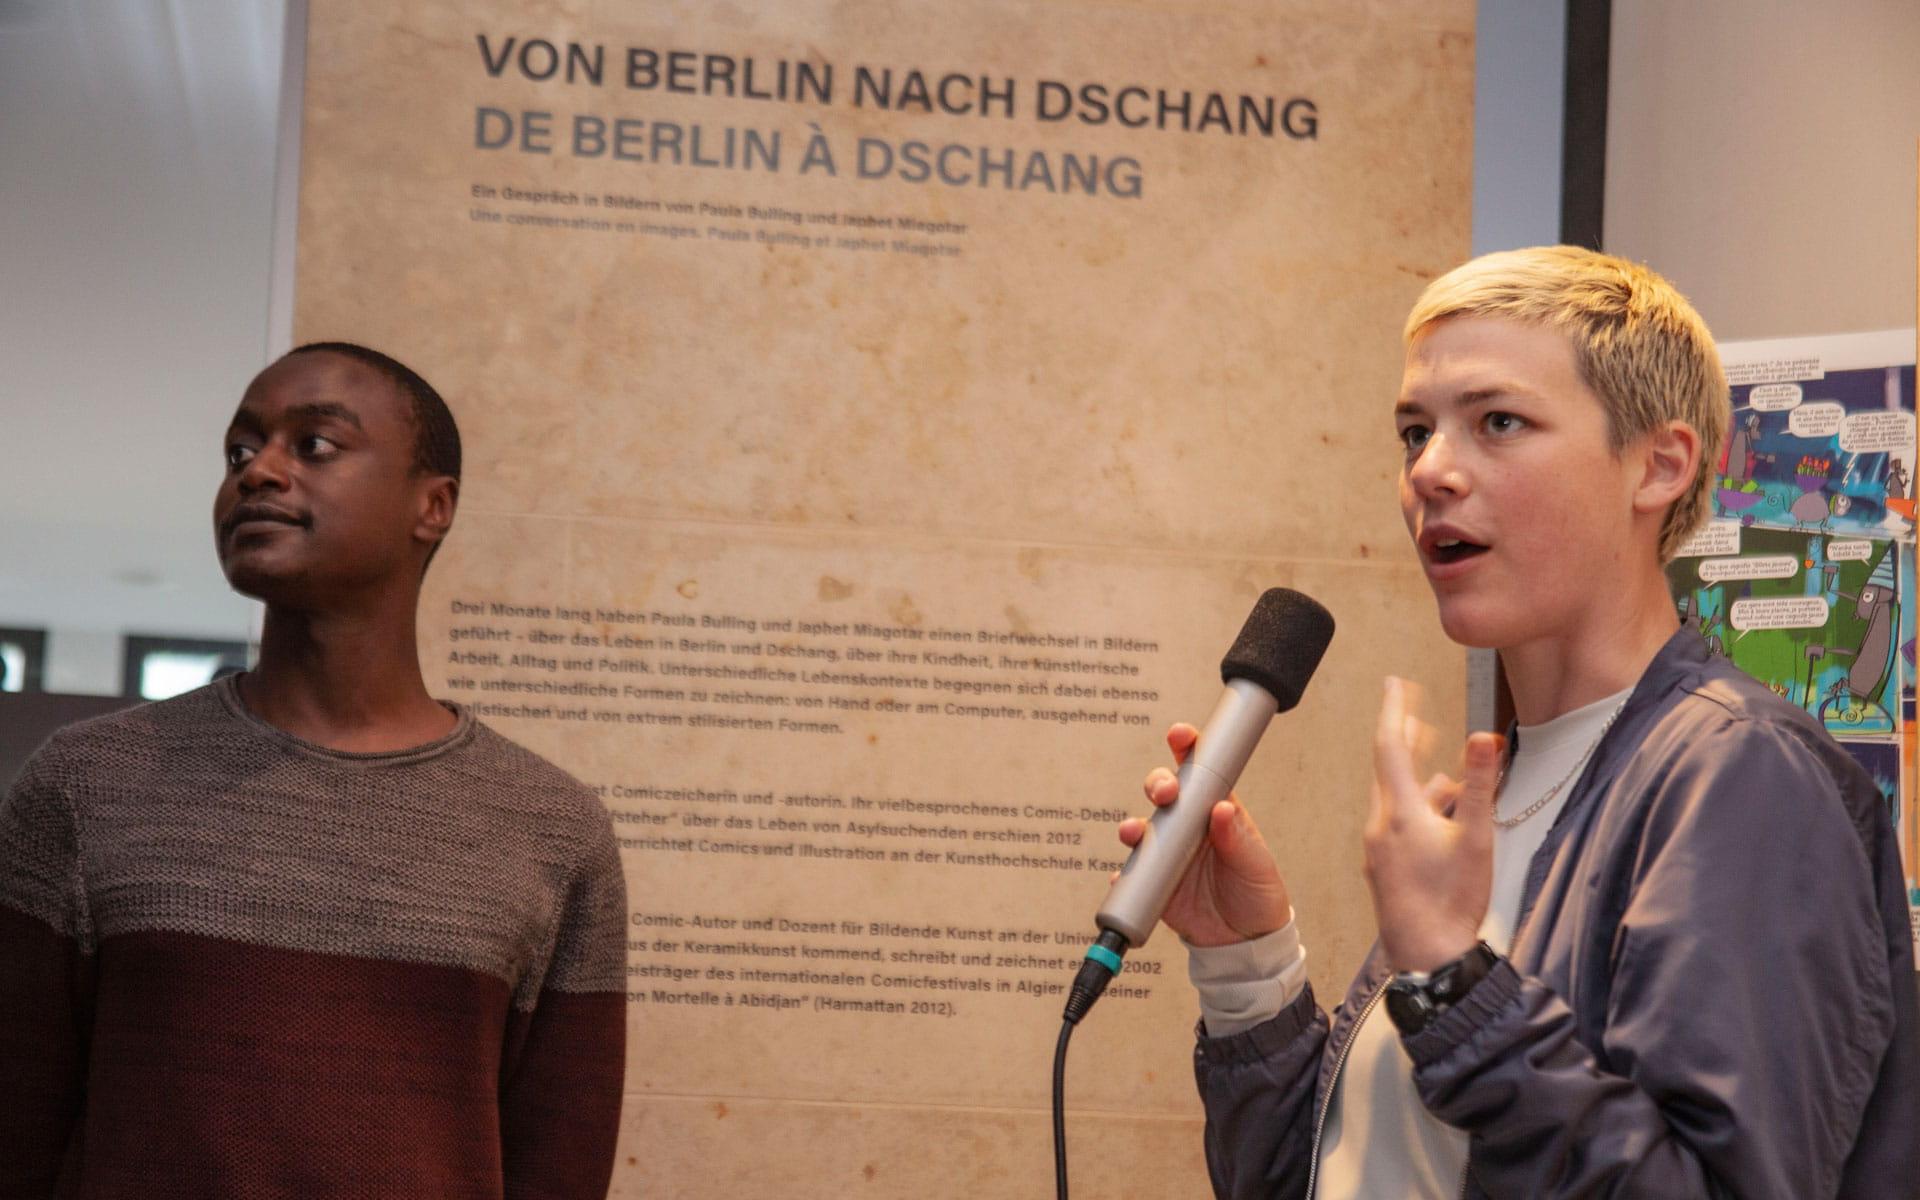 Paula Bulling, Japhet Miagotar: Von Berlin nach Dschang: ein Gespräch in Bildern <br/>(c) Lemia Bodden